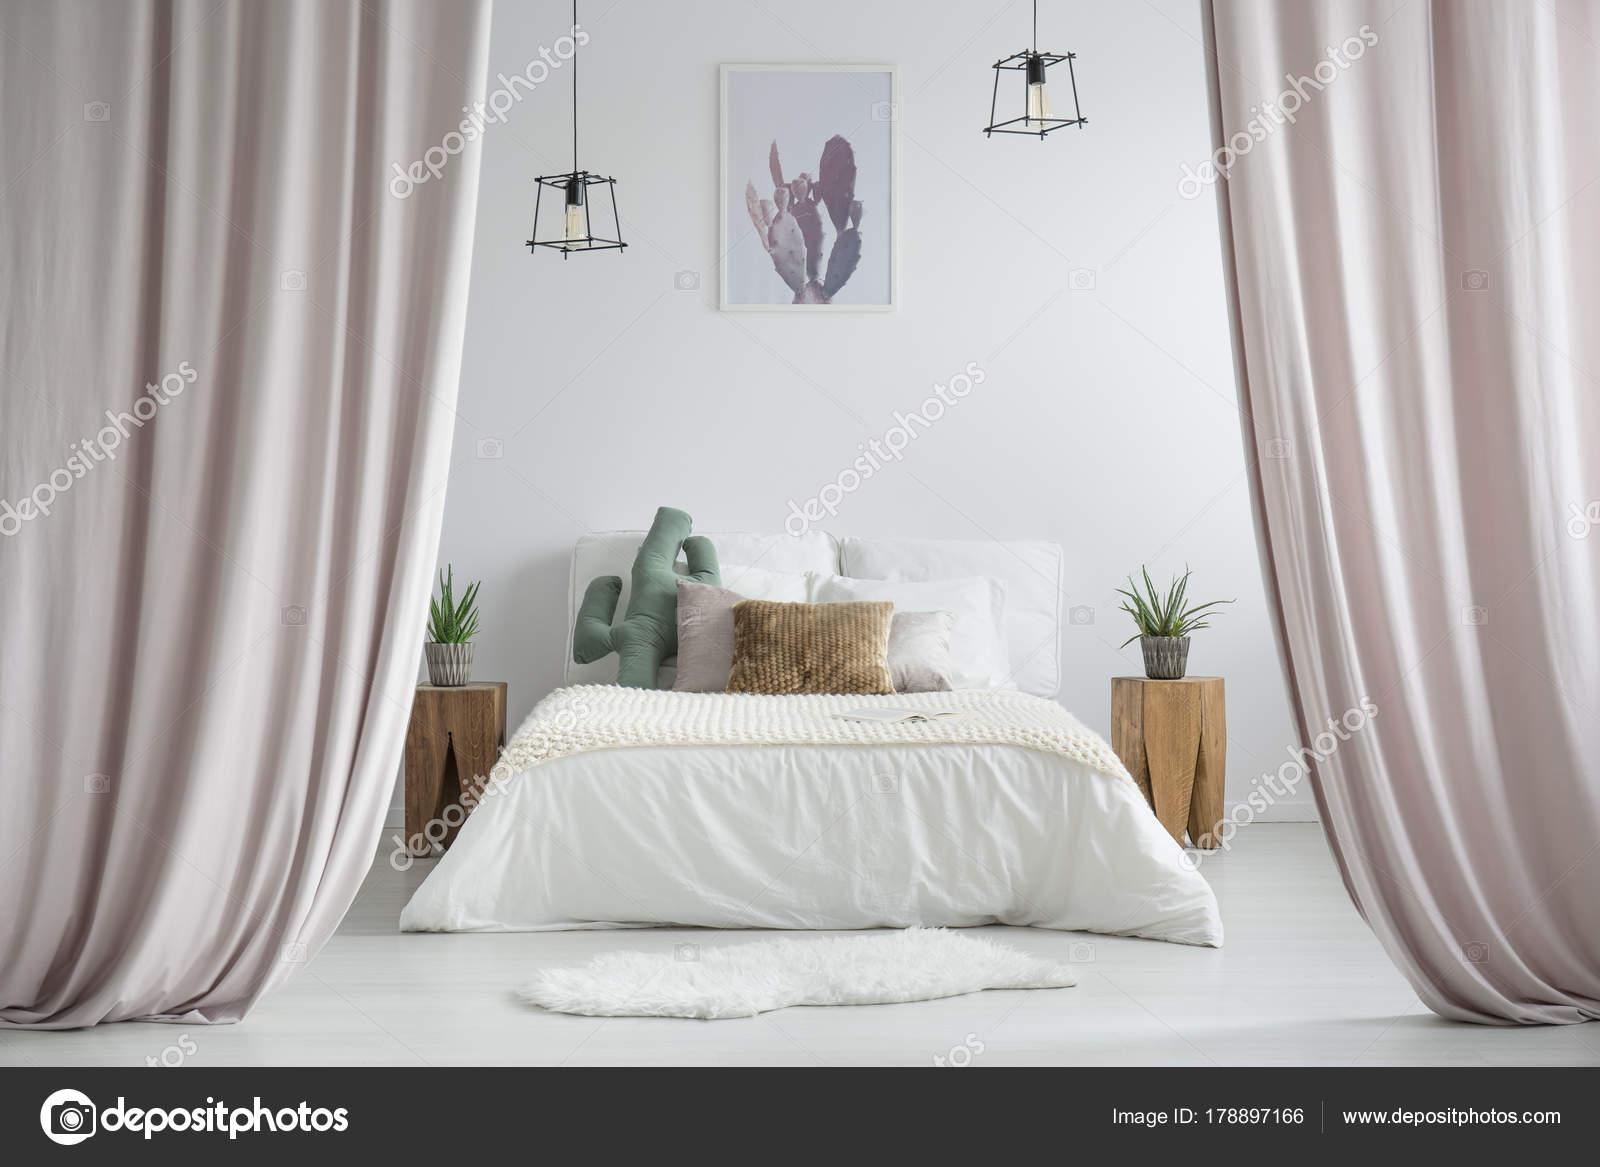 pastel gordijnen in rustieke slaapkamer stockfoto